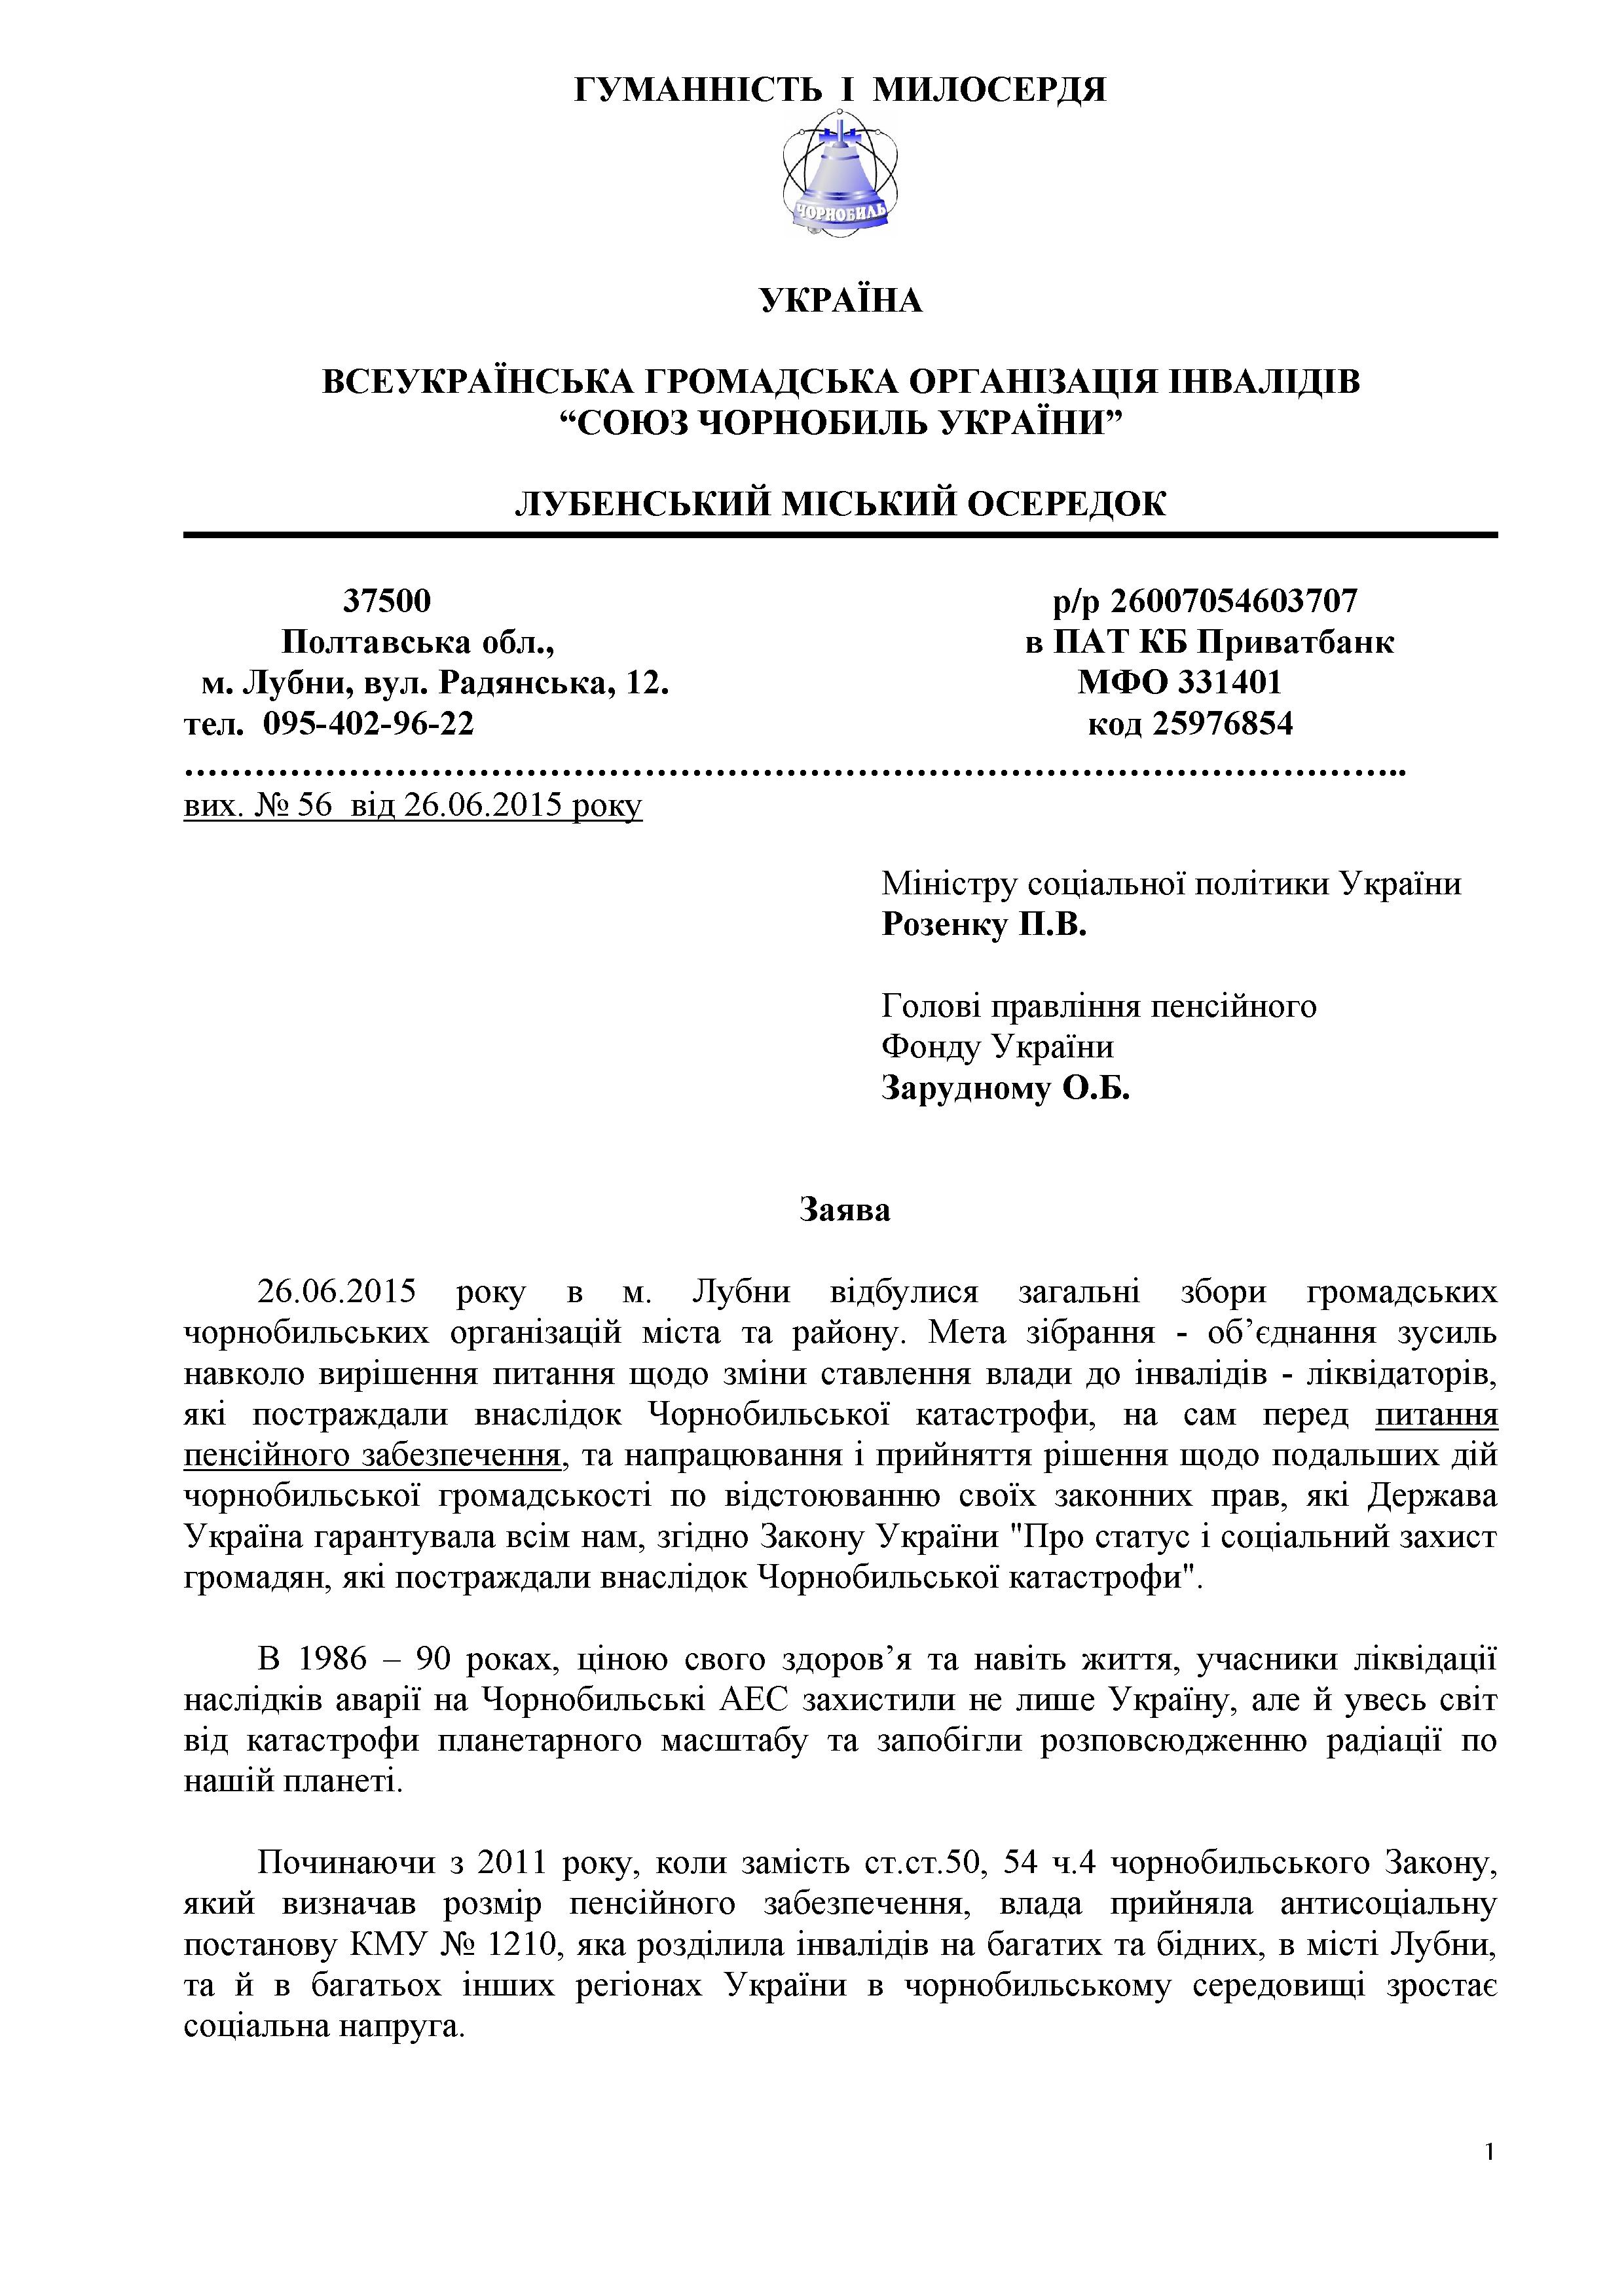 Пенсійному фонду України 26.06.151.jpg